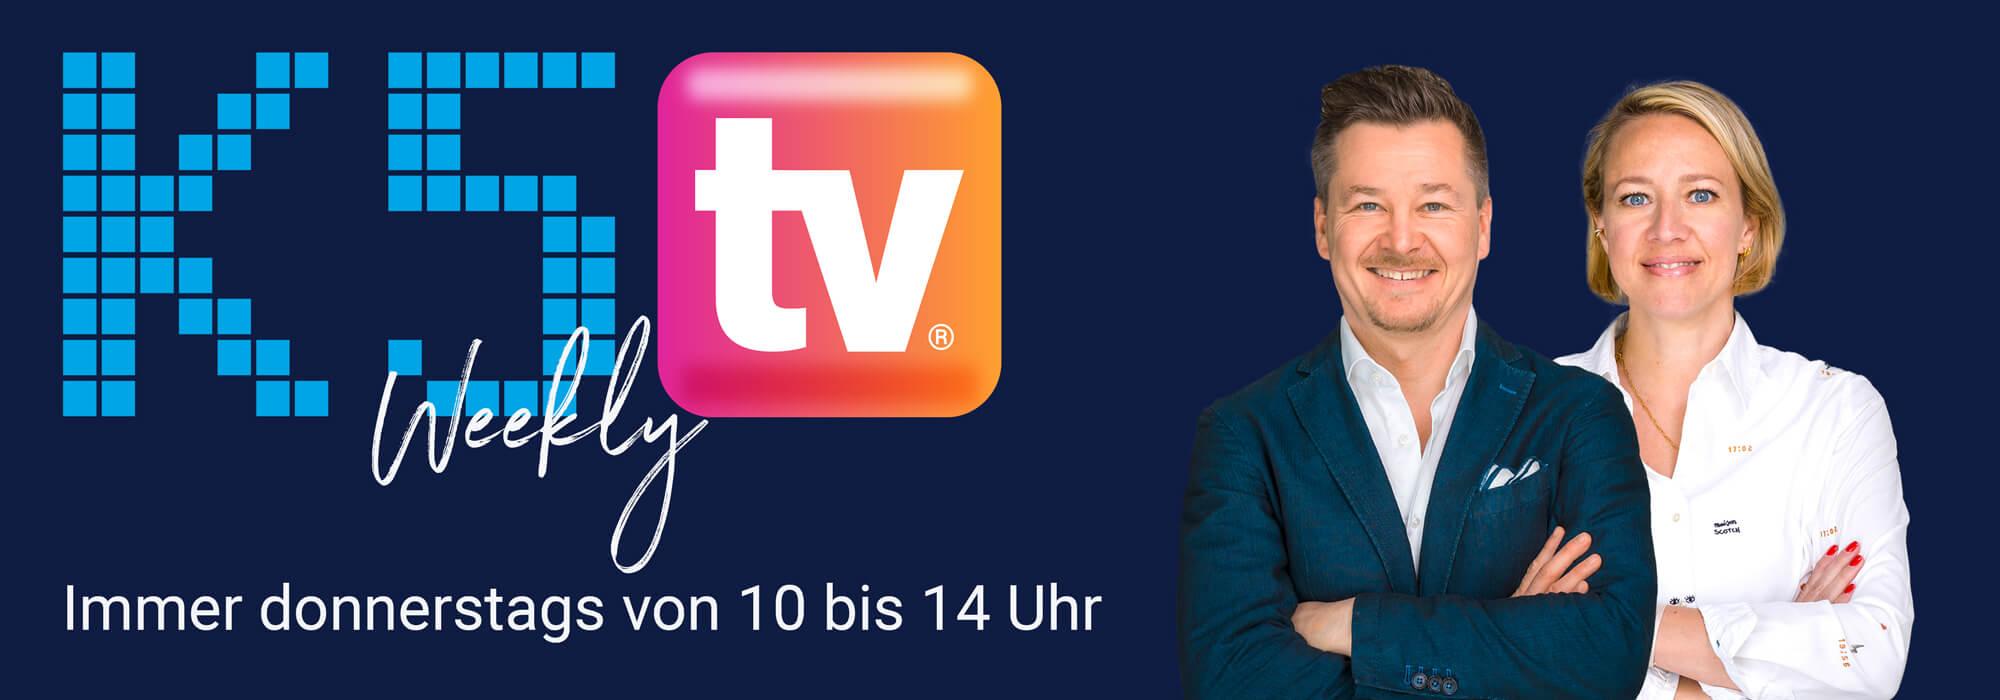 K5 TV Weekly